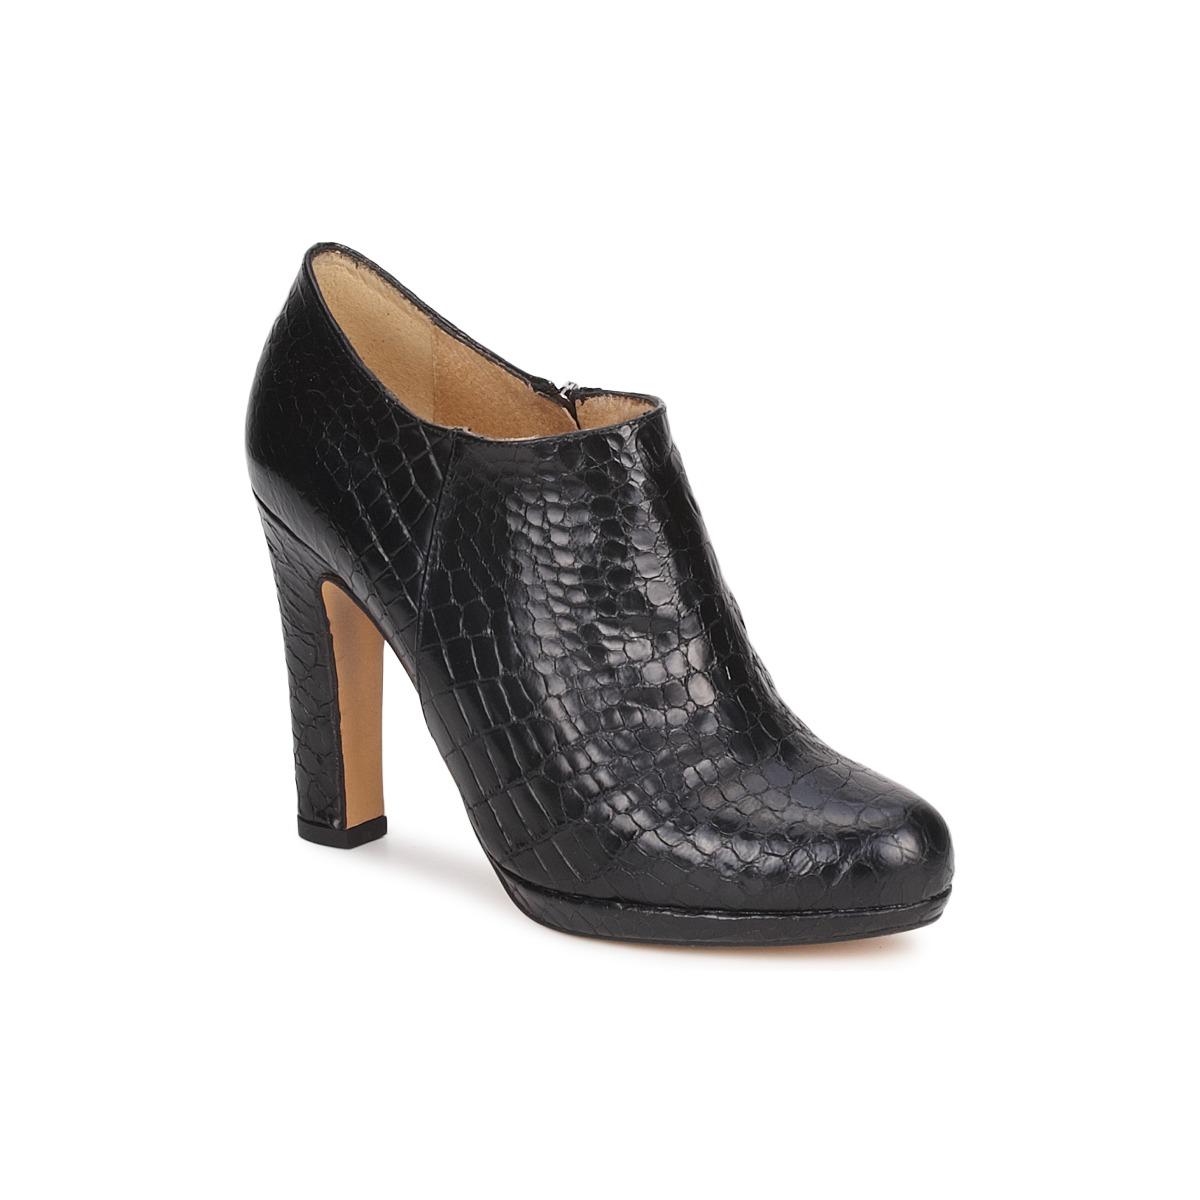 Fericelli OMBRETTA Schwarz - Kostenloser Versand bei Spartoode ! - Schuhe Ankle Boots Damen 95,20 €